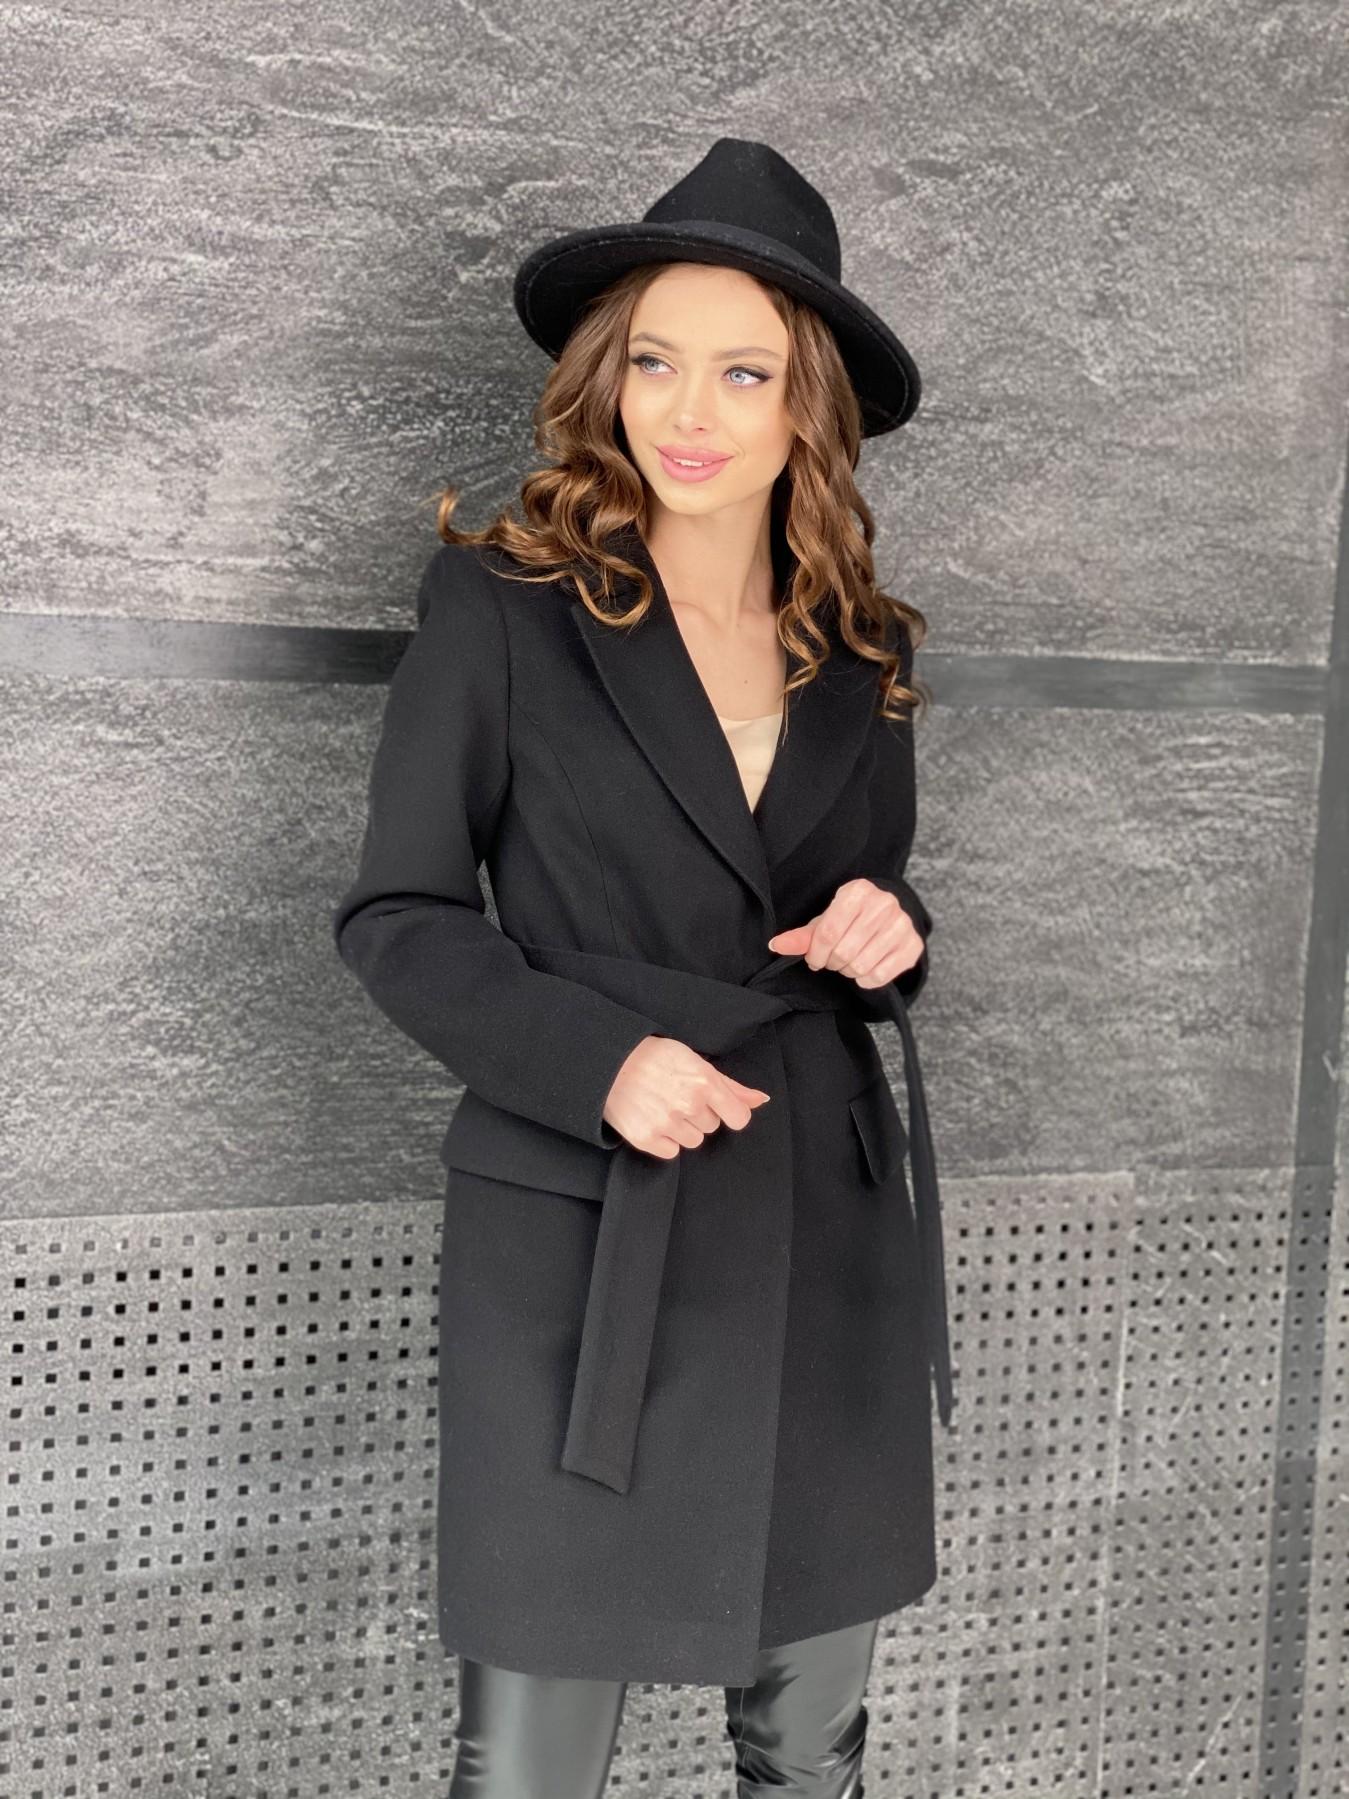 Пальто женское демисезонное купить в интернете Корсипальто из гладкого кашемира 10893